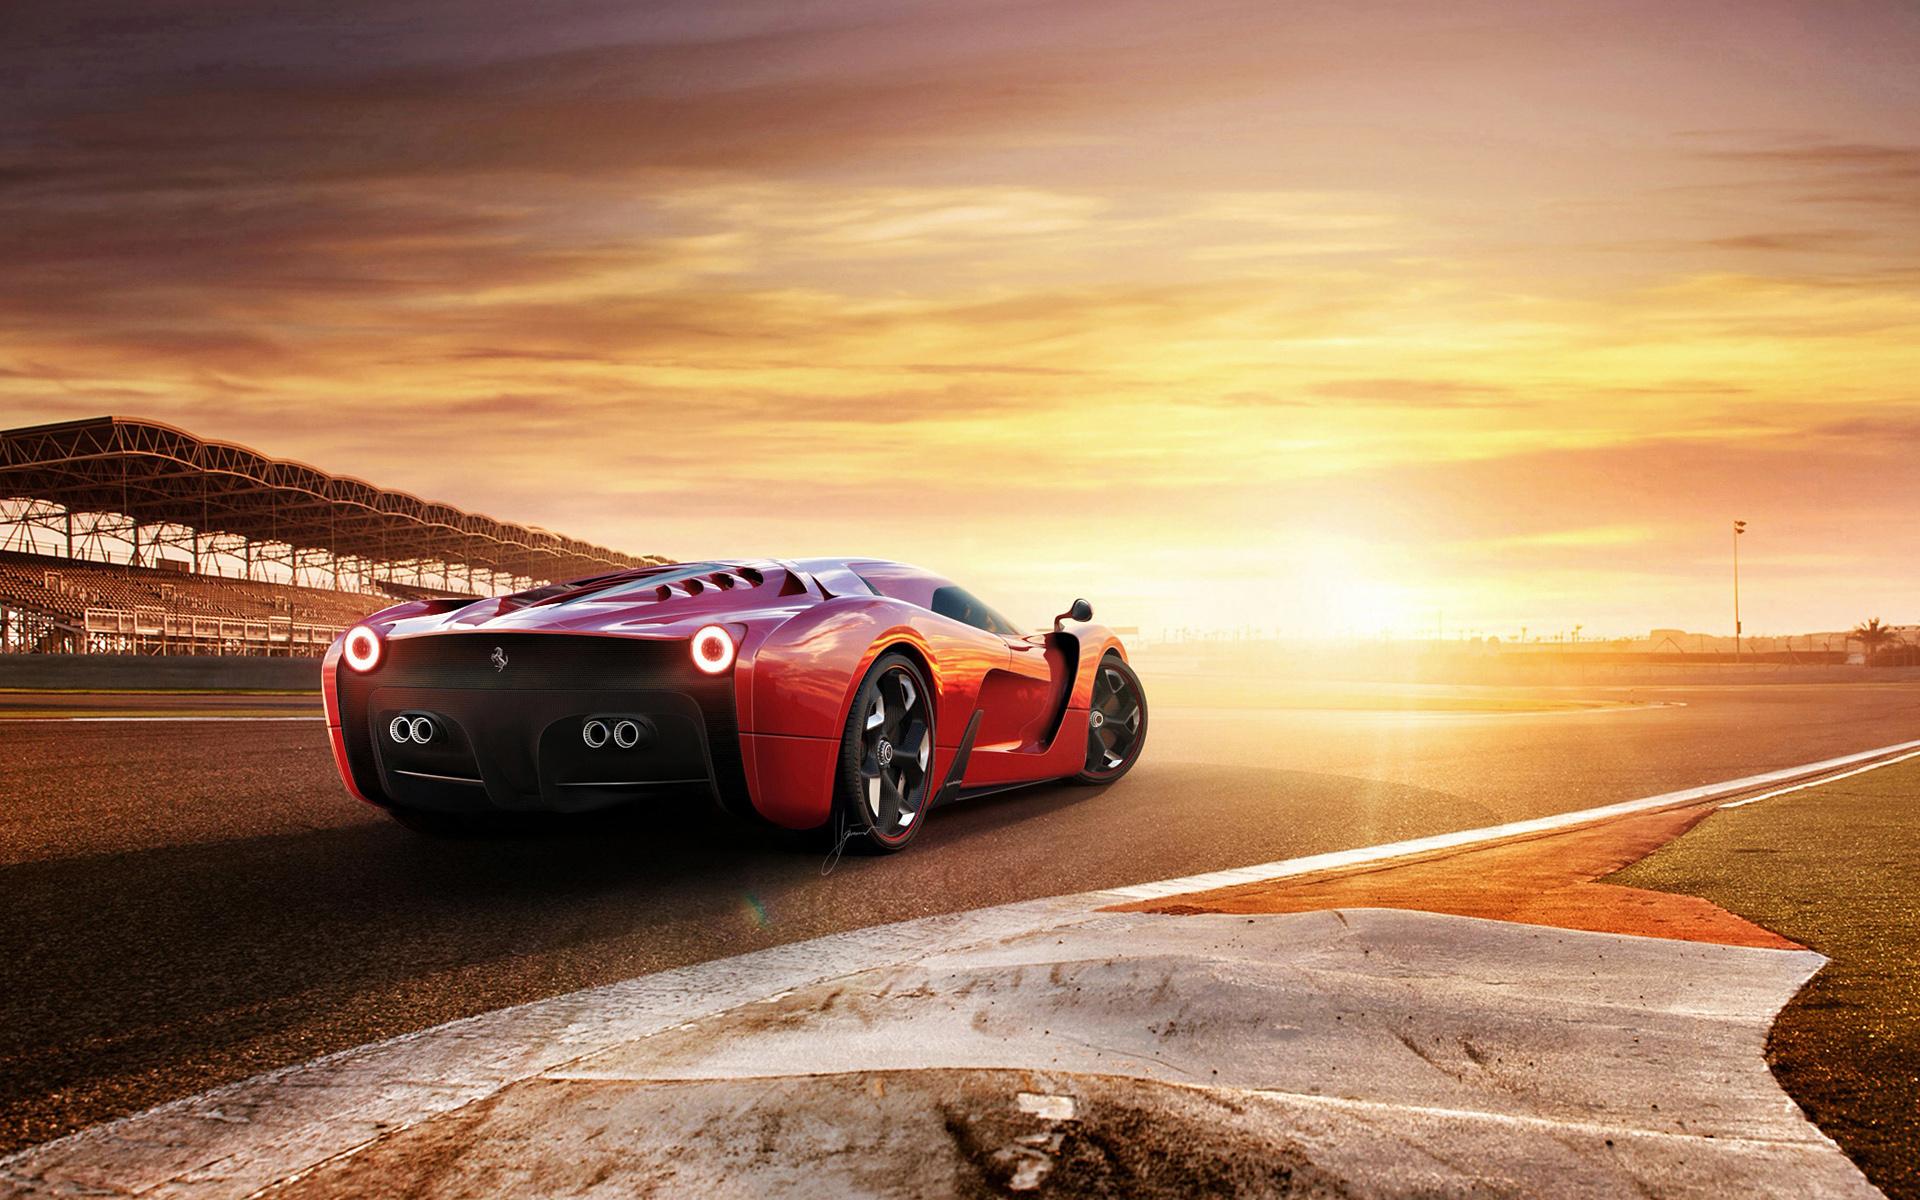 2014 ugur sahin design project f concept study 2 wallpaper - Project cars 4k wallpaper ...